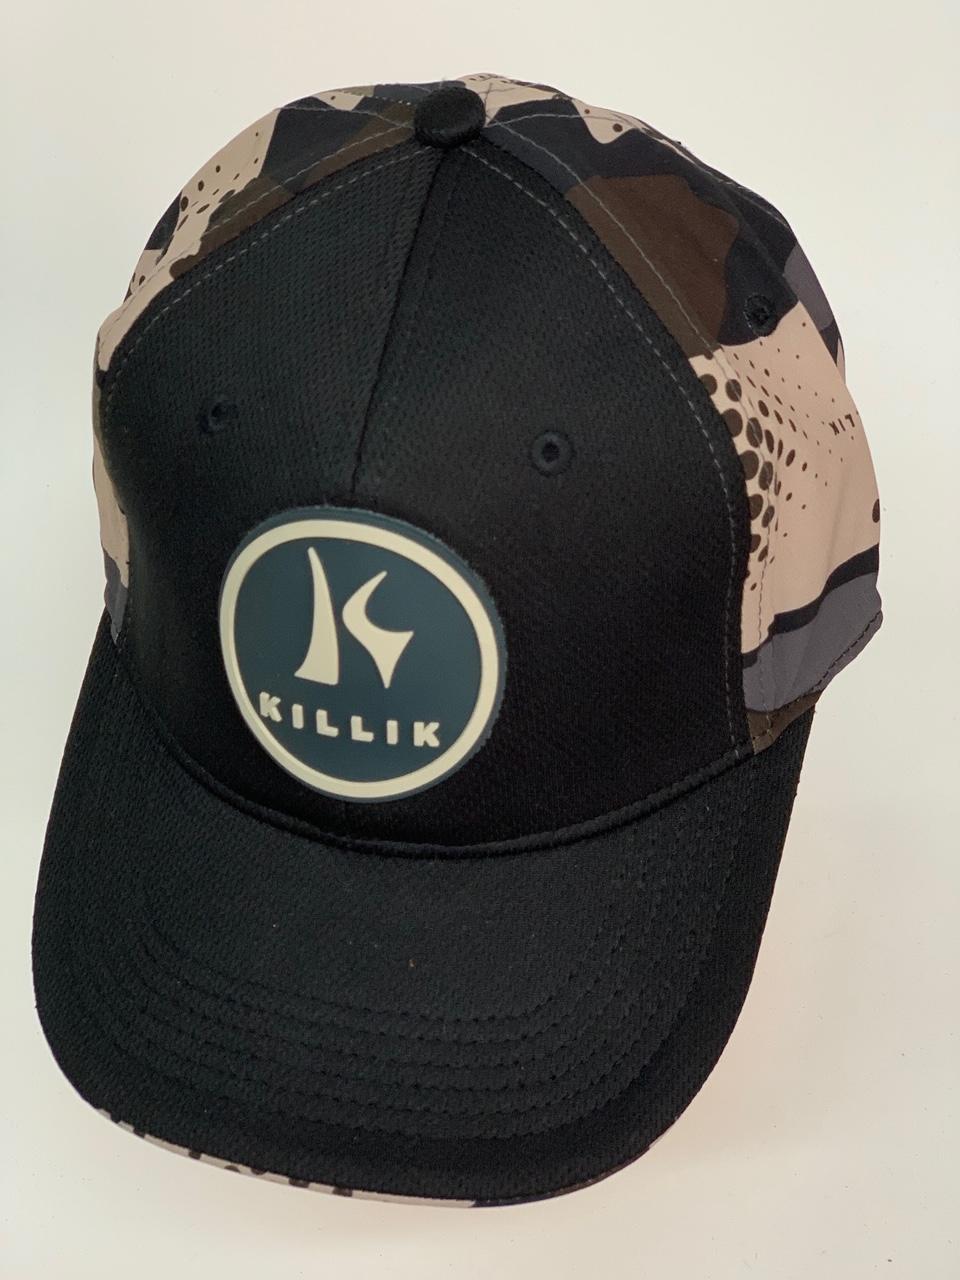 Бейсболка Killik черного цвета с камуфляжным тылом